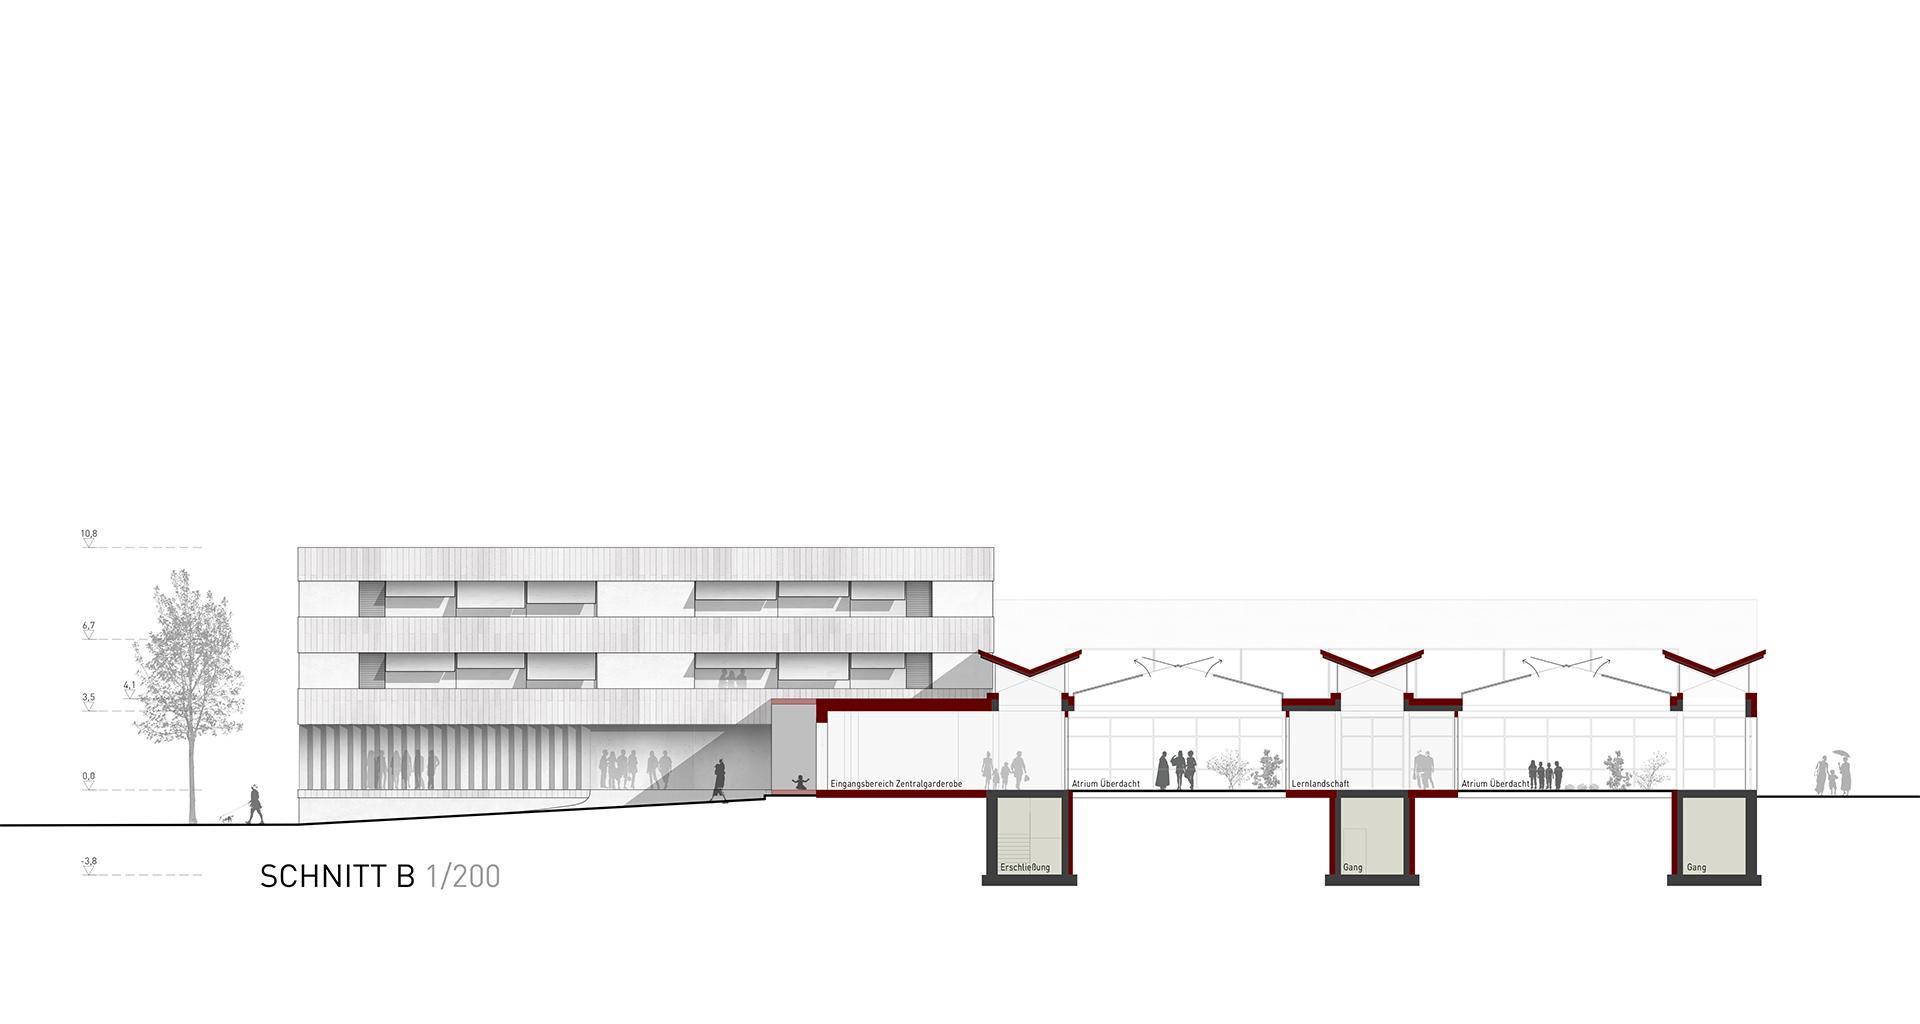 Schnitt 1 Parc Architekten